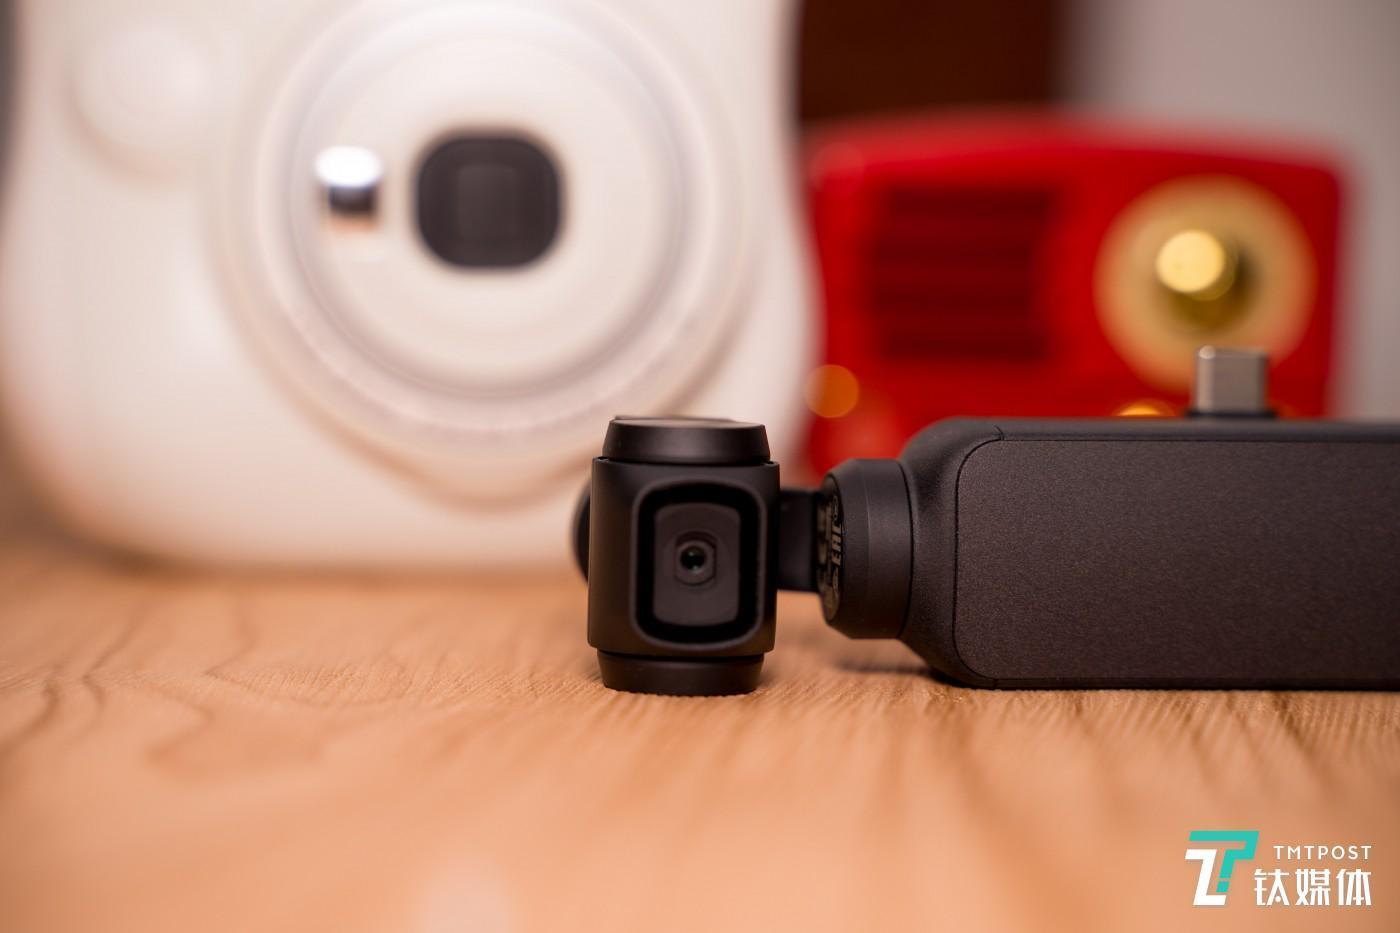 如果是非视频创作者,其实用到大疆灵眸口袋相机的地方也并不多